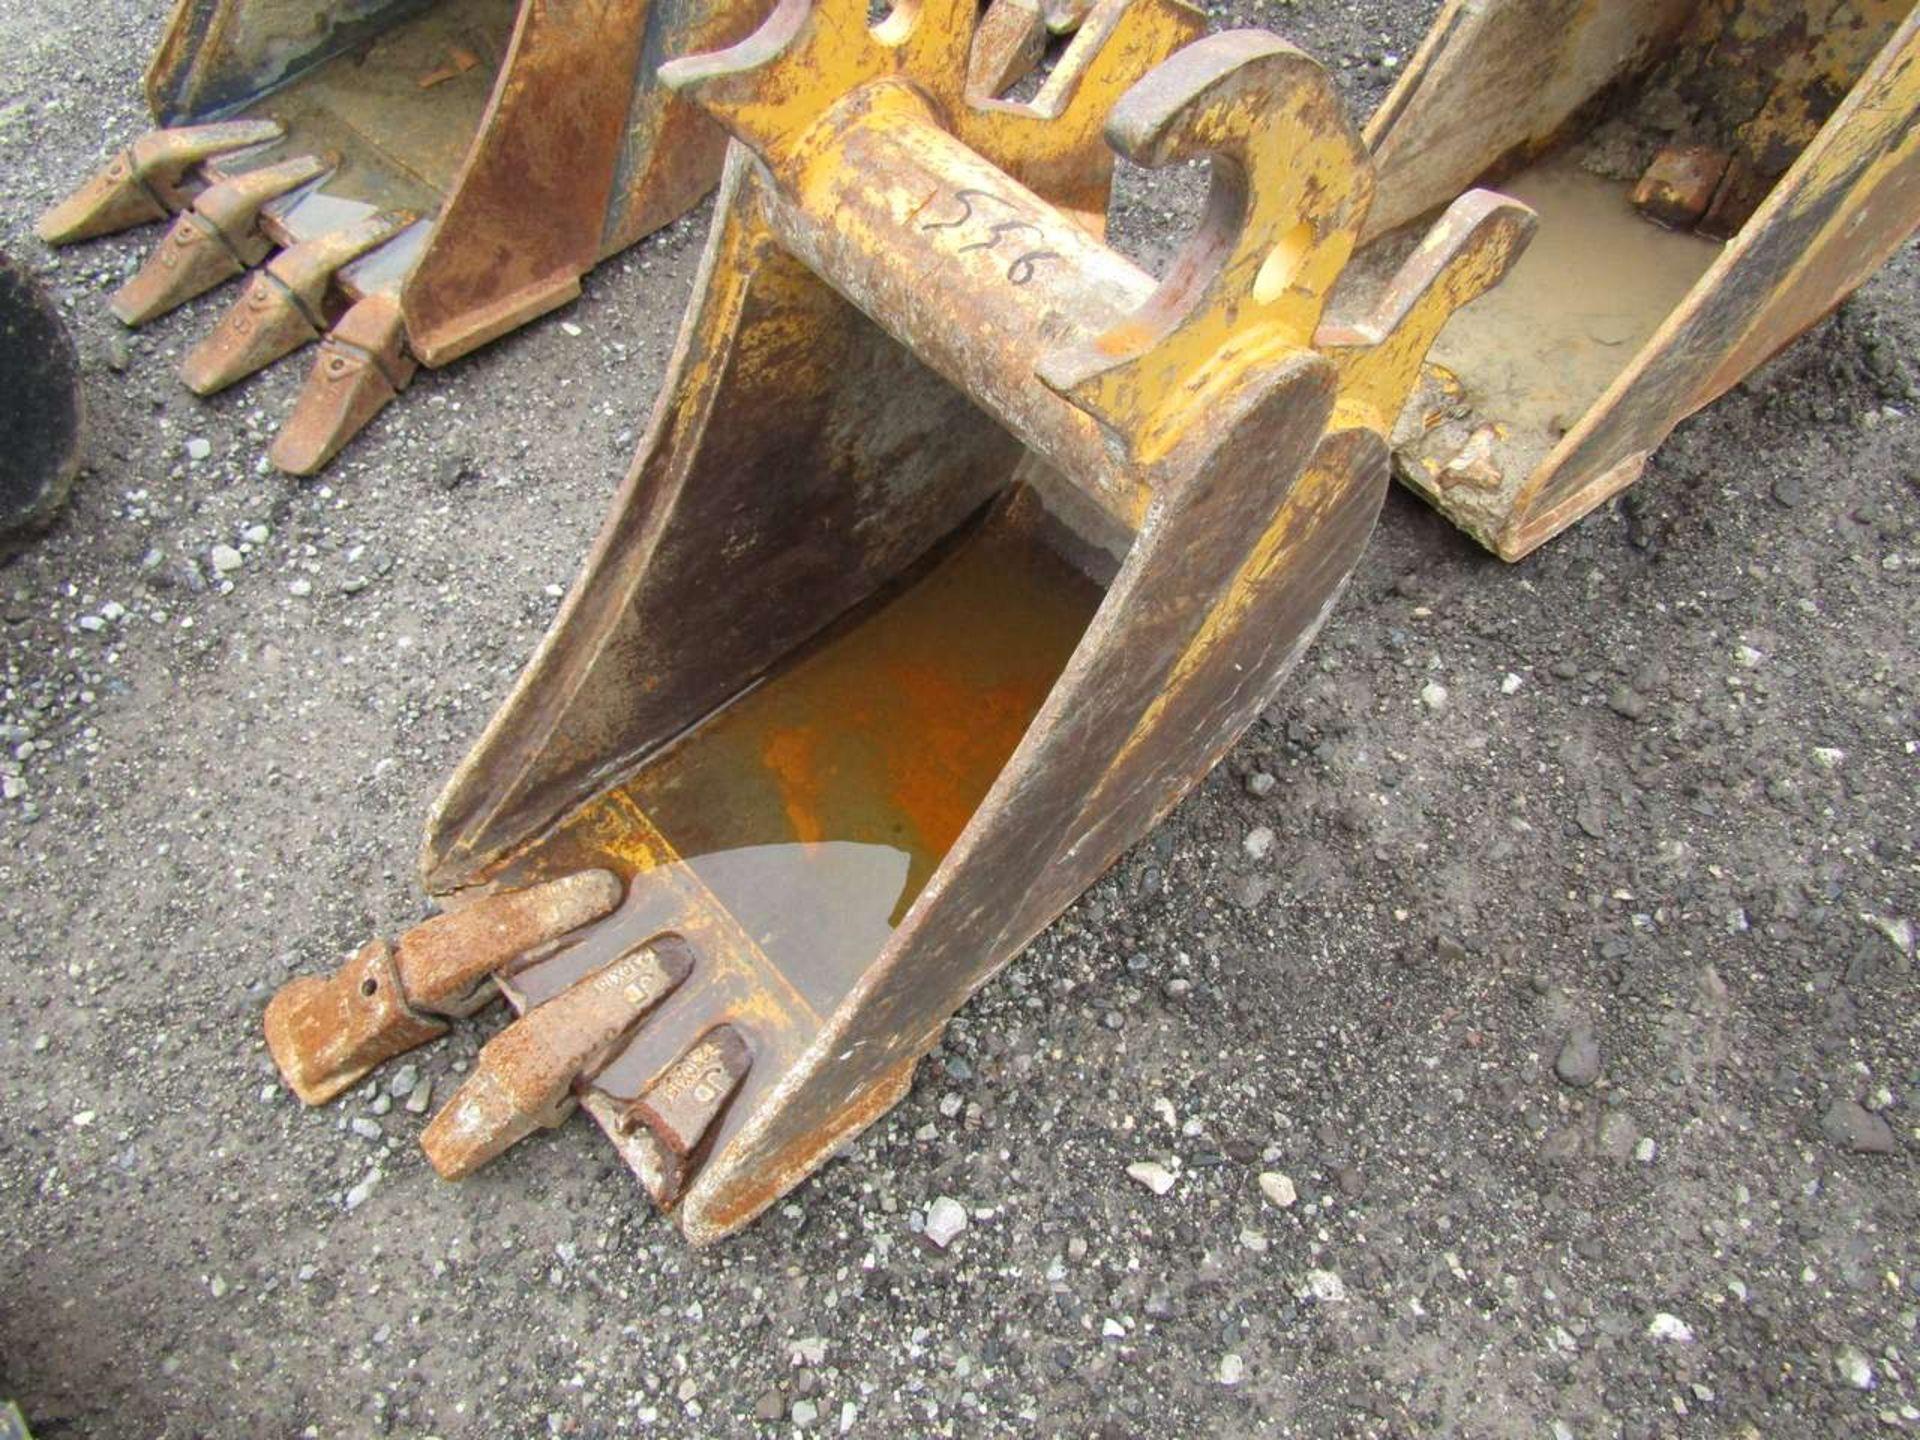 Lot 556 - Excavator Bucket